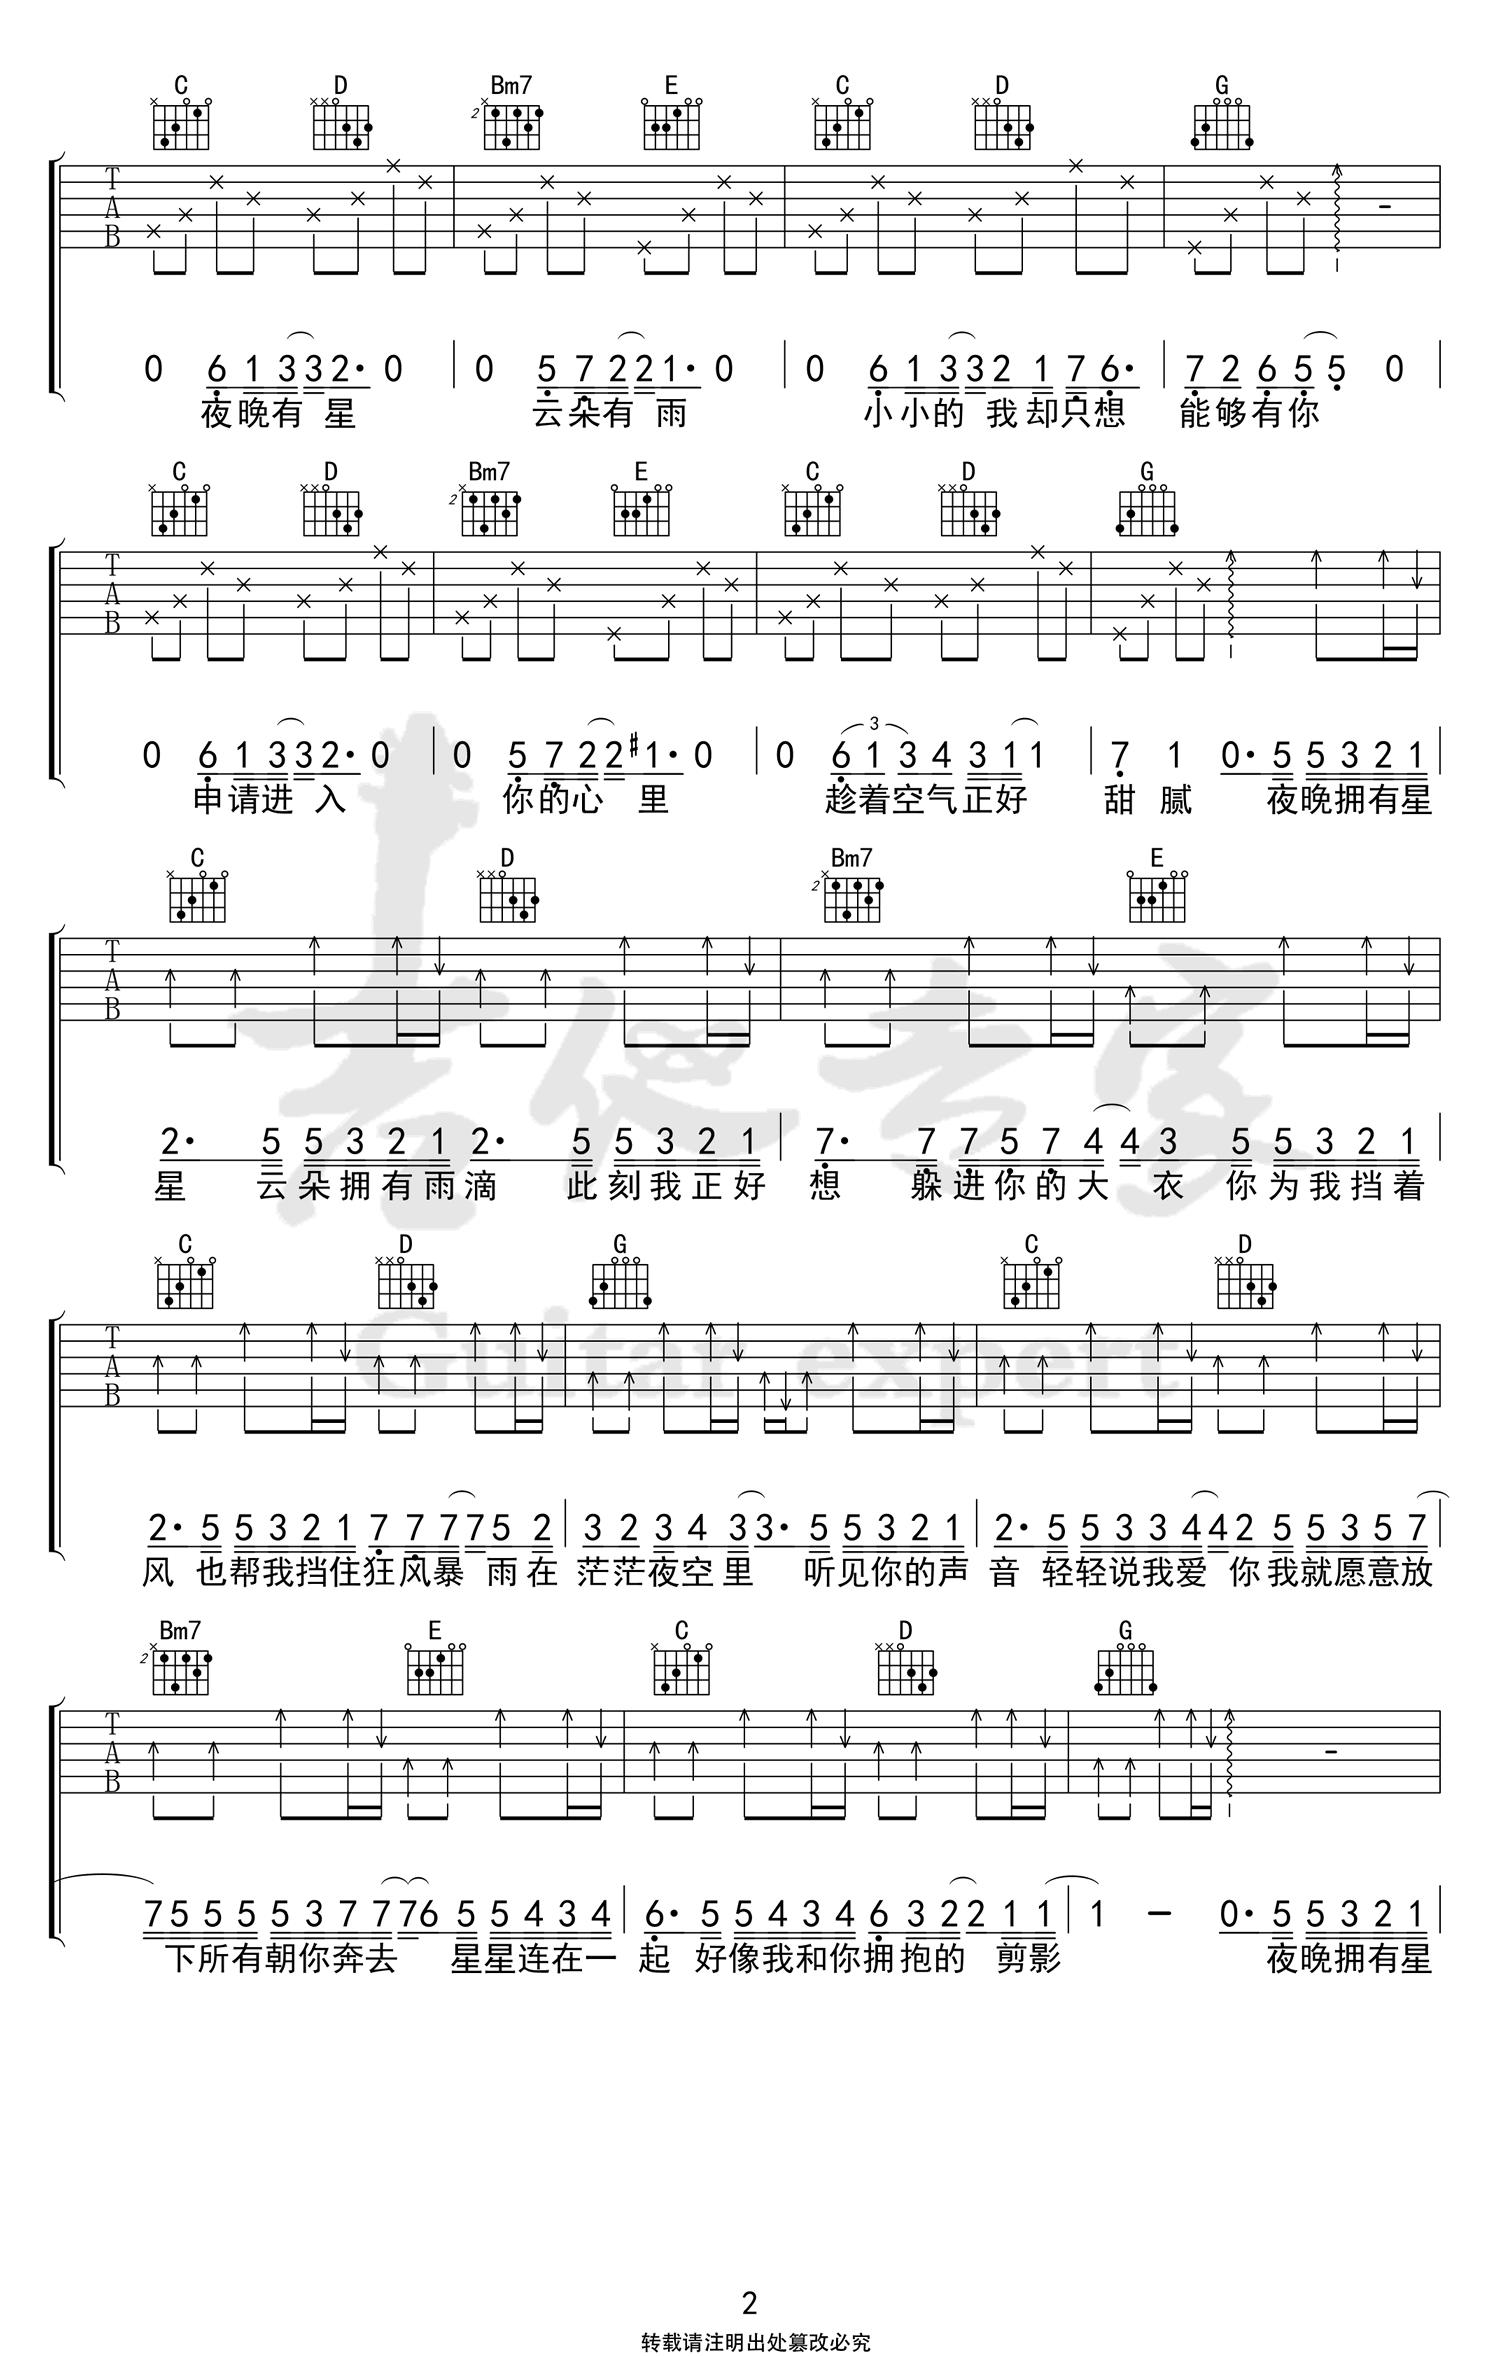 蓝心羽-星空剪影吉他谱2